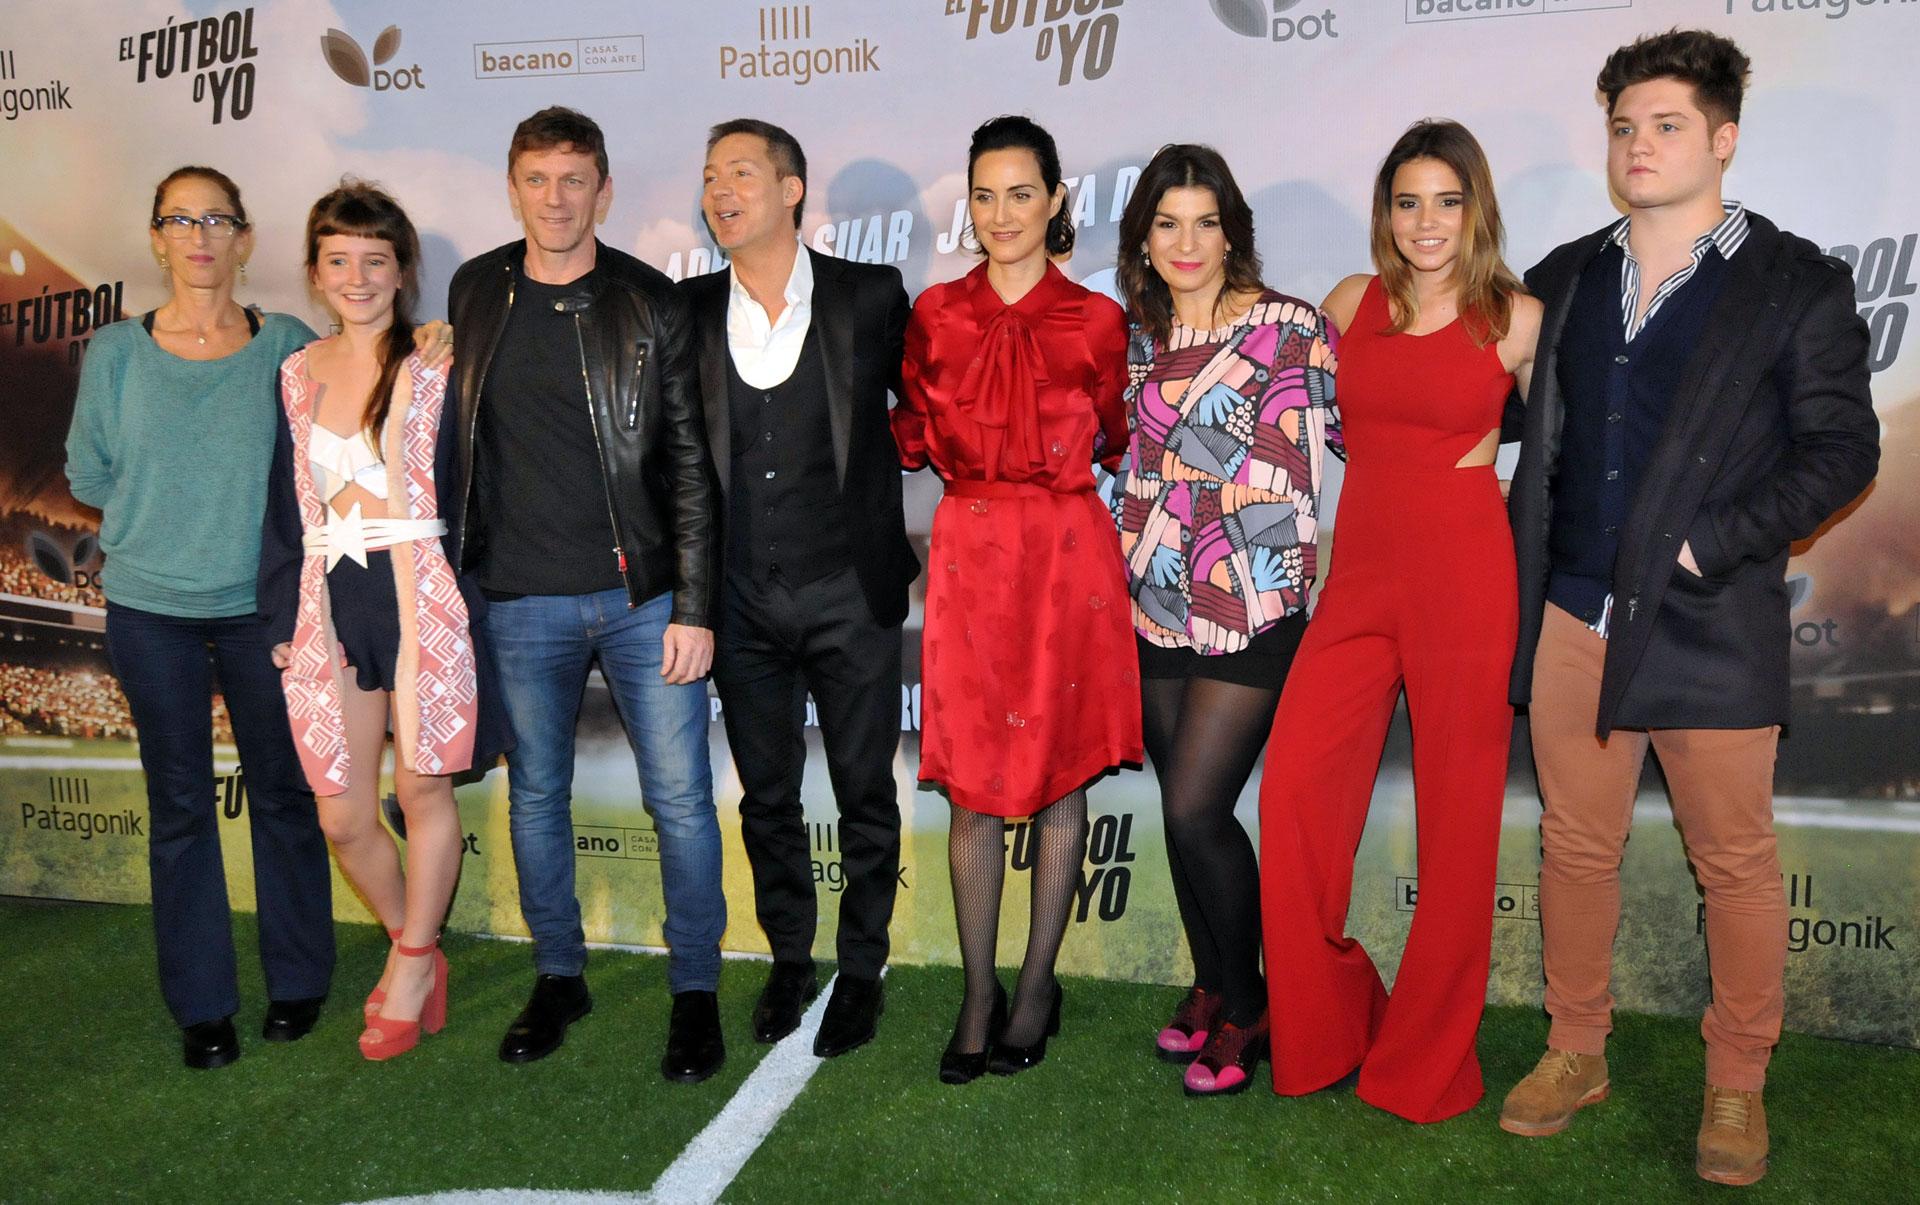 """Se estrenó la comedia """"El fútbol o yo"""" , protagonizada por Adrián Suar y Julieta Díaz. La película cuenta con la dirección de Marcos Carnevale (Teleshow)"""